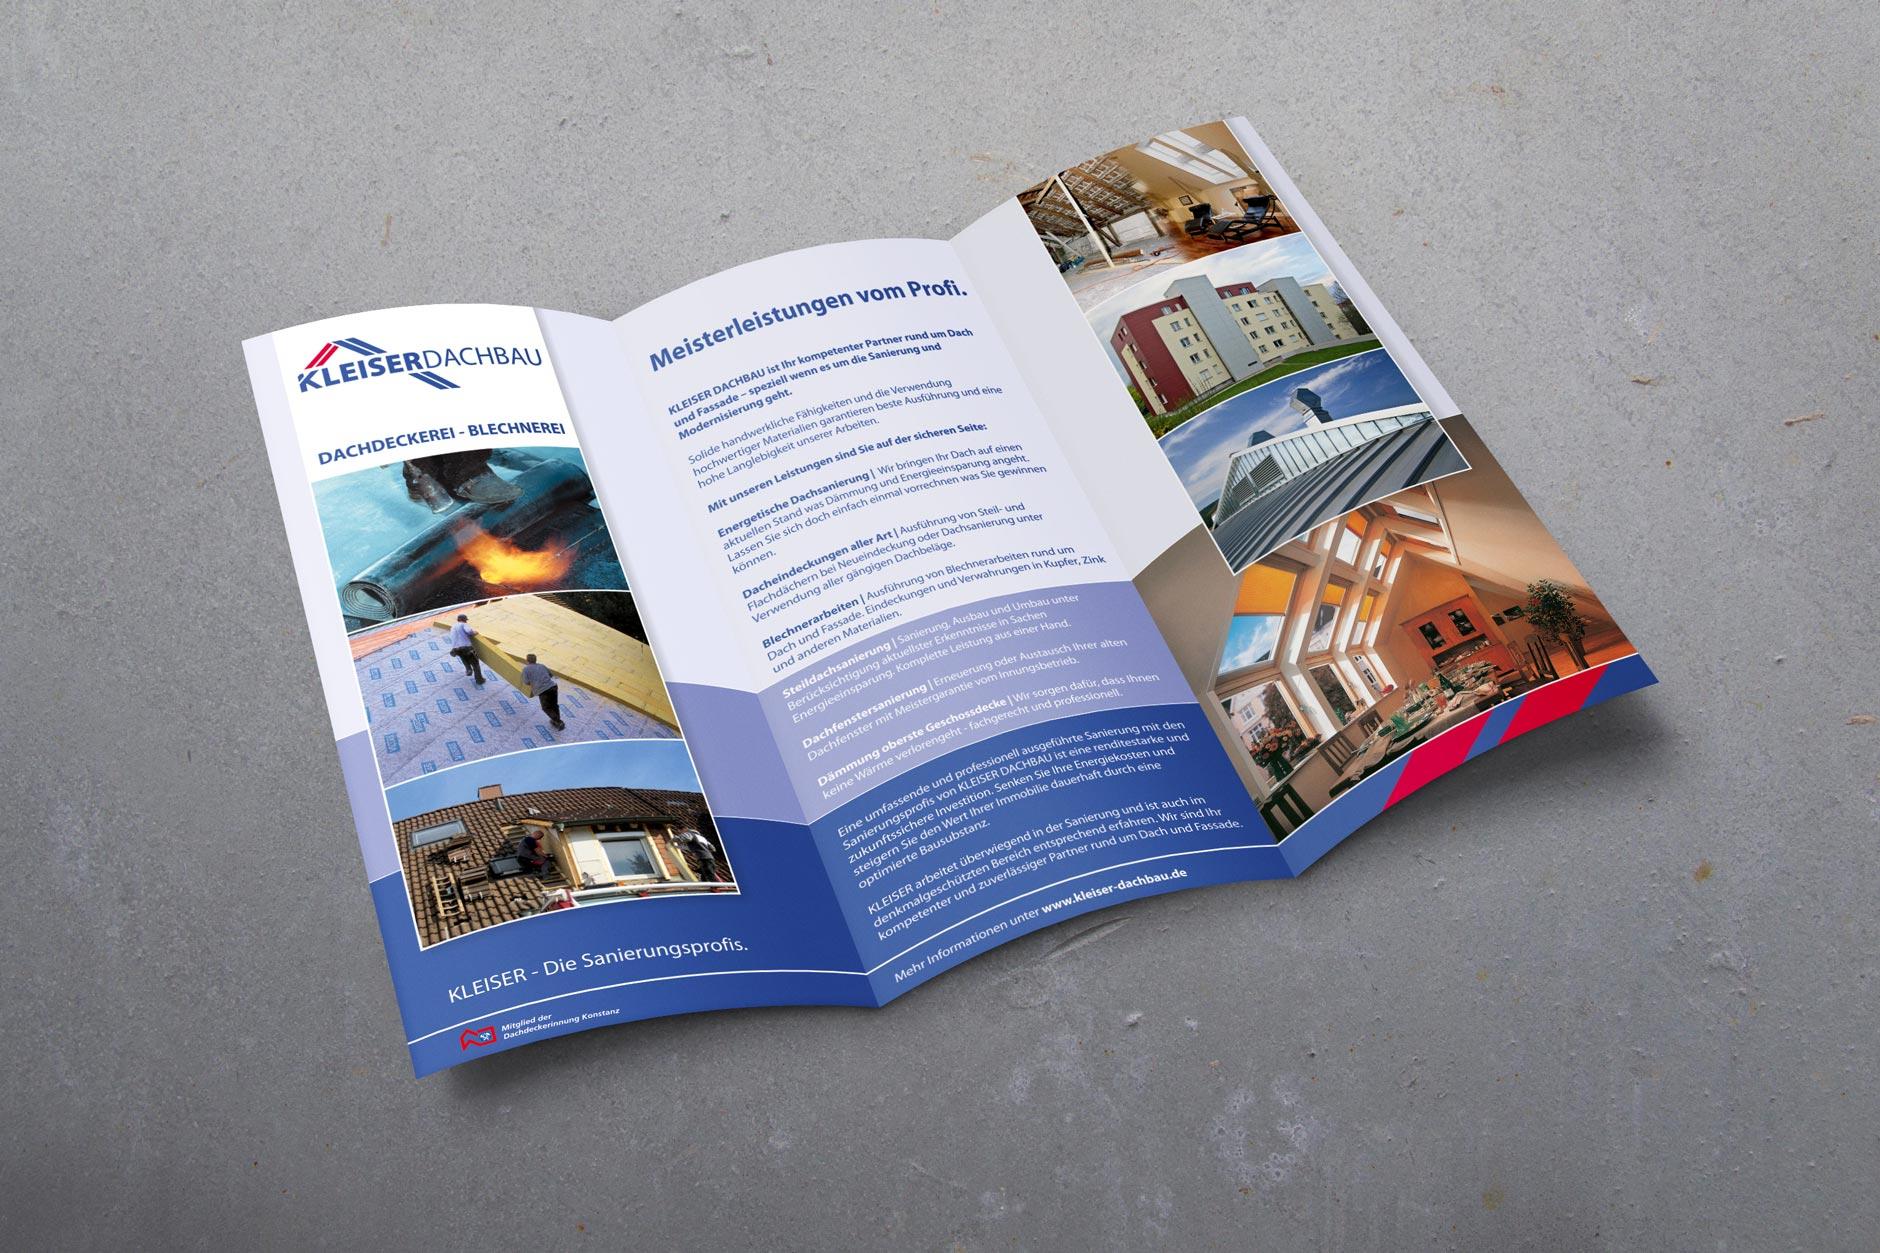 Flyer Design KLEISER-DACHBAU